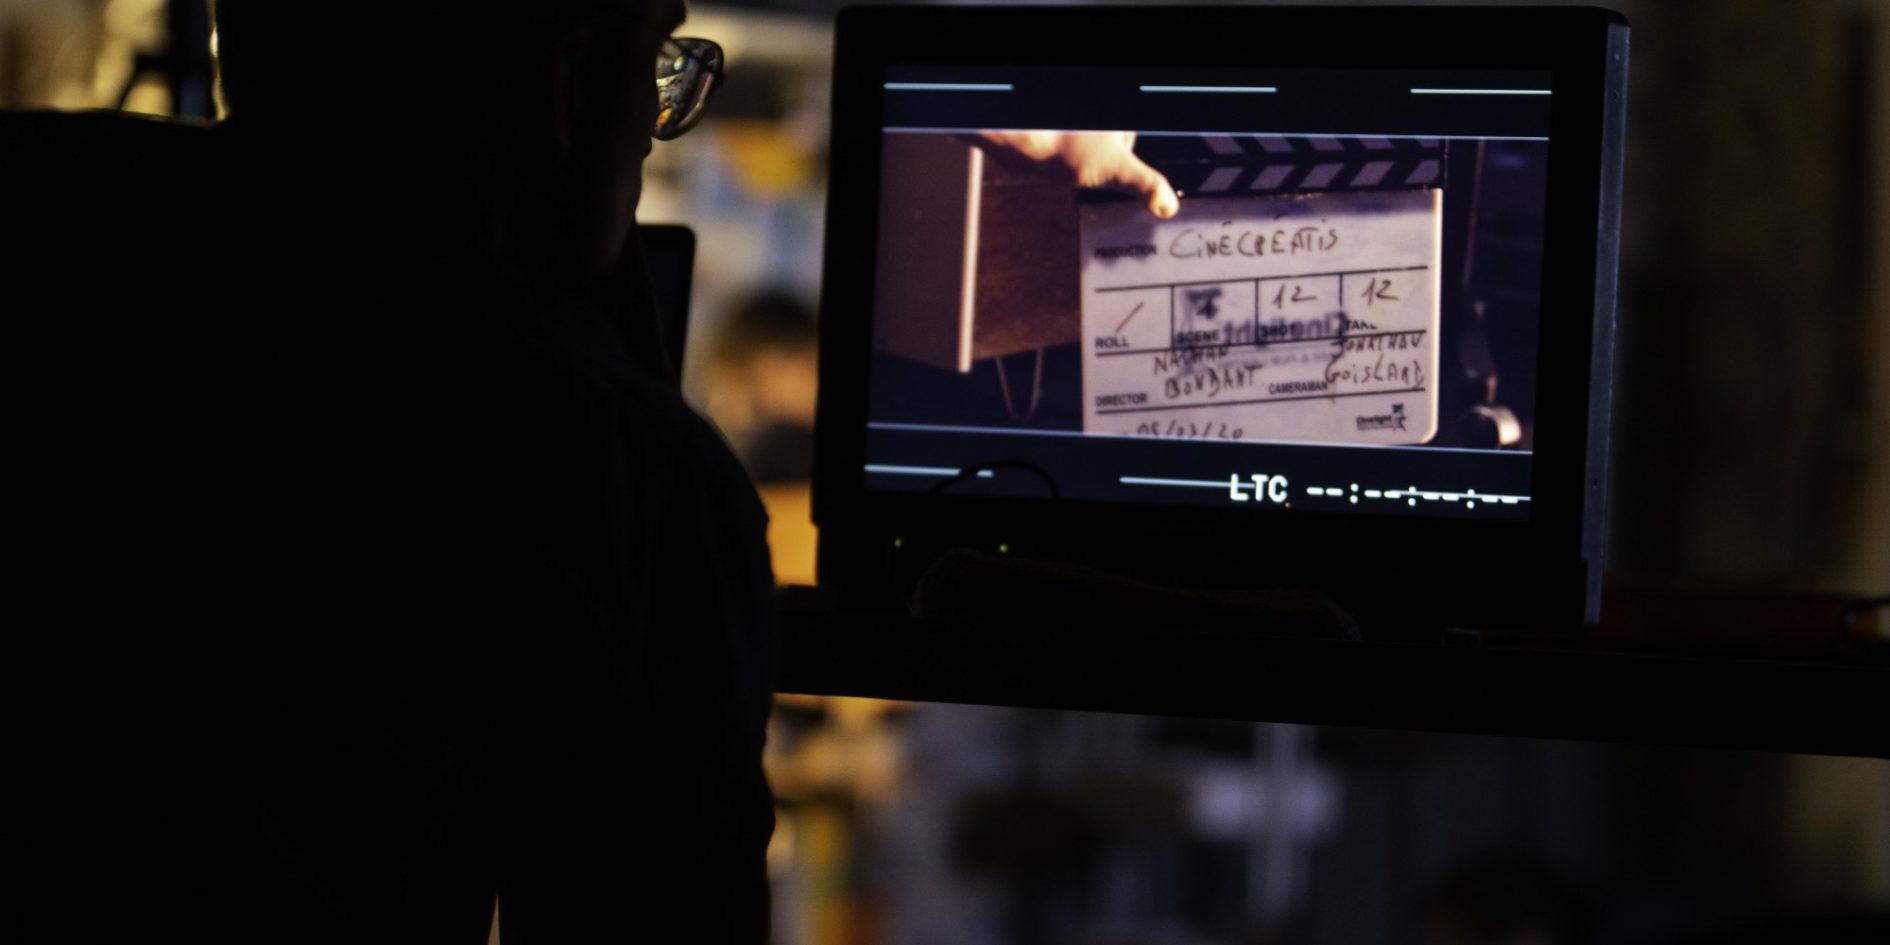 Quelques Minutes Apres Minuit Juan Antonio Bayona Cinecreatis 73